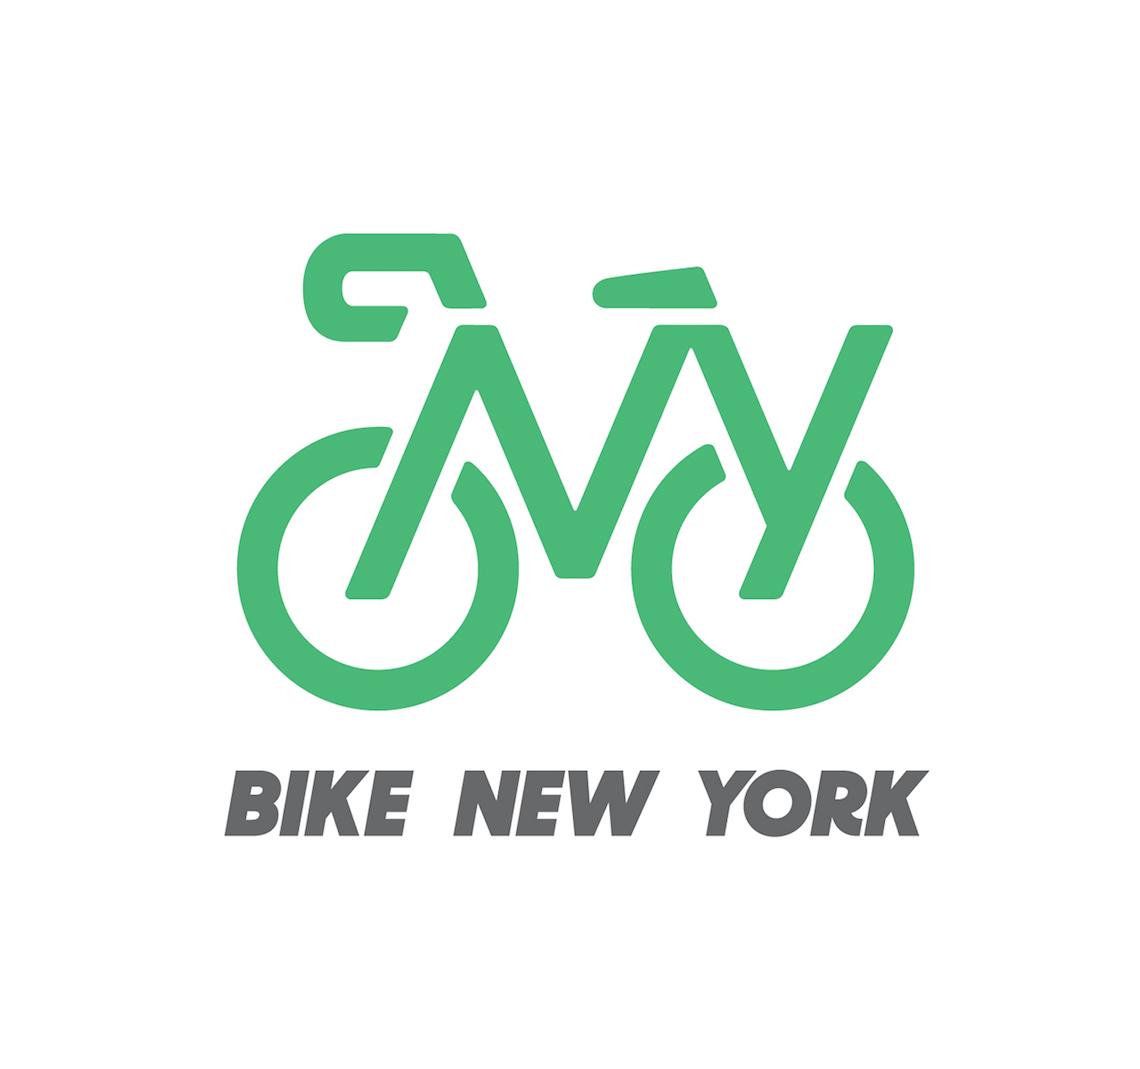 Bike_New_York_Pentagram